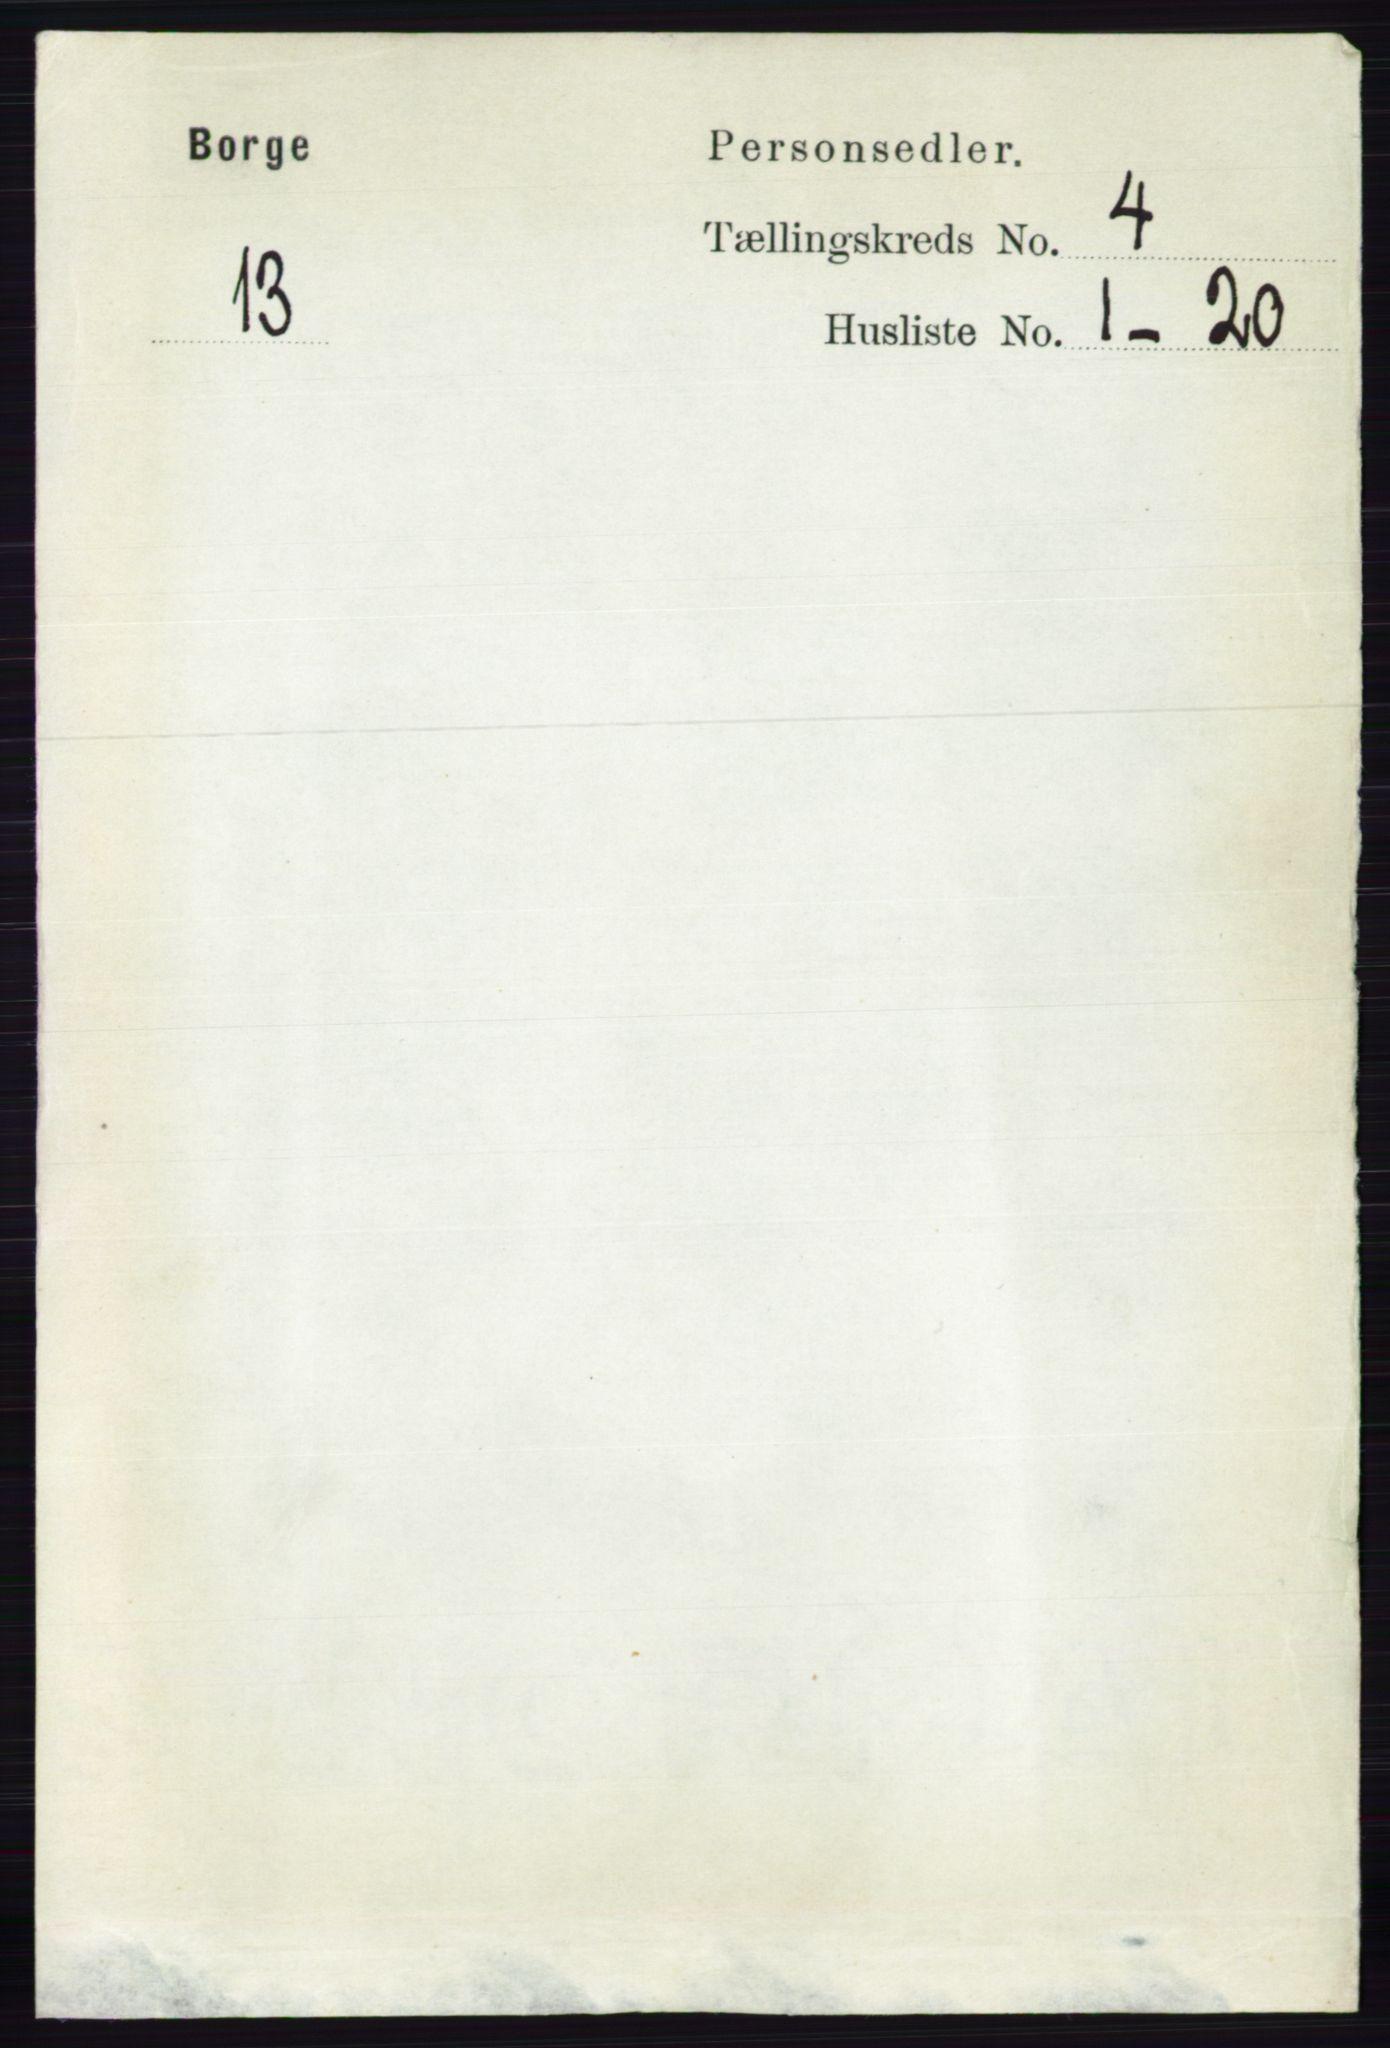 RA, Folketelling 1891 for 0113 Borge herred, 1891, s. 1655